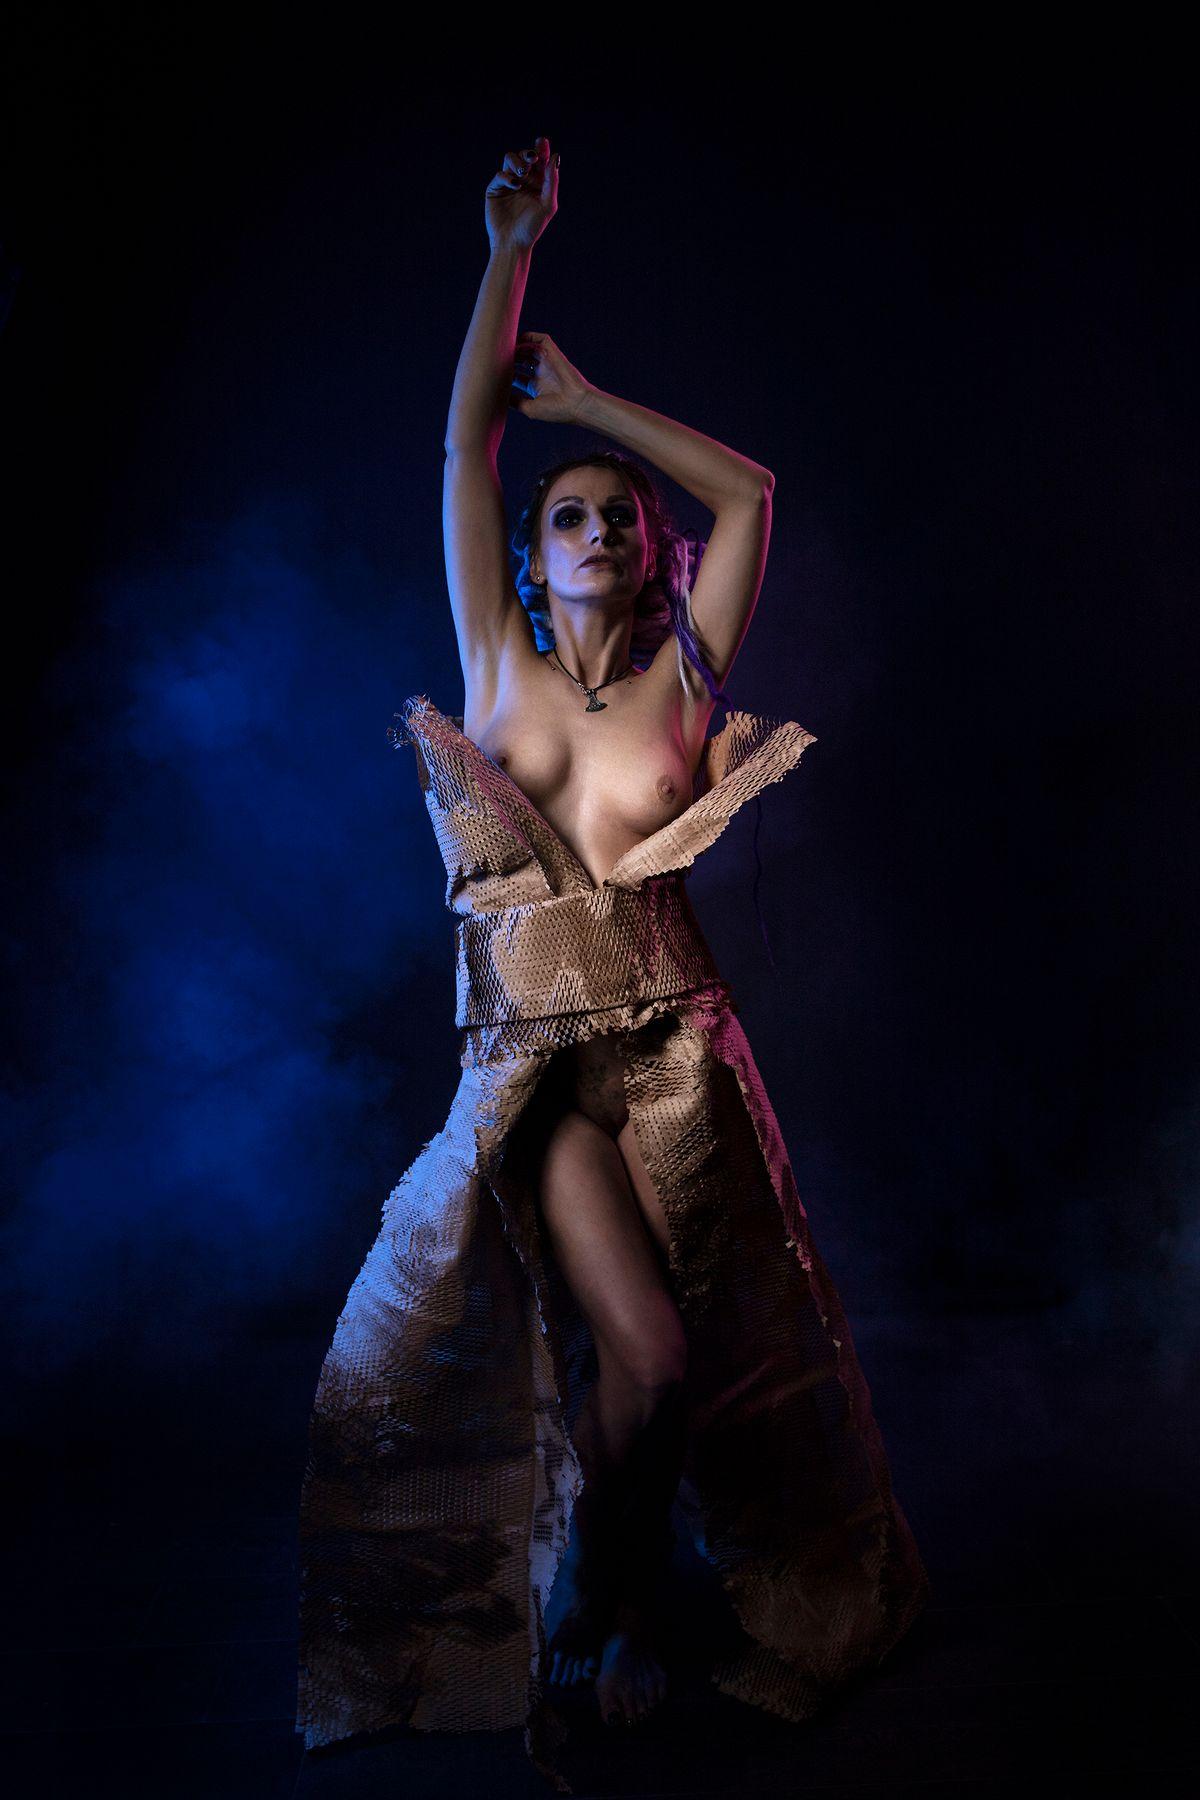 Модель Анна девушка бумага фотостудия платье